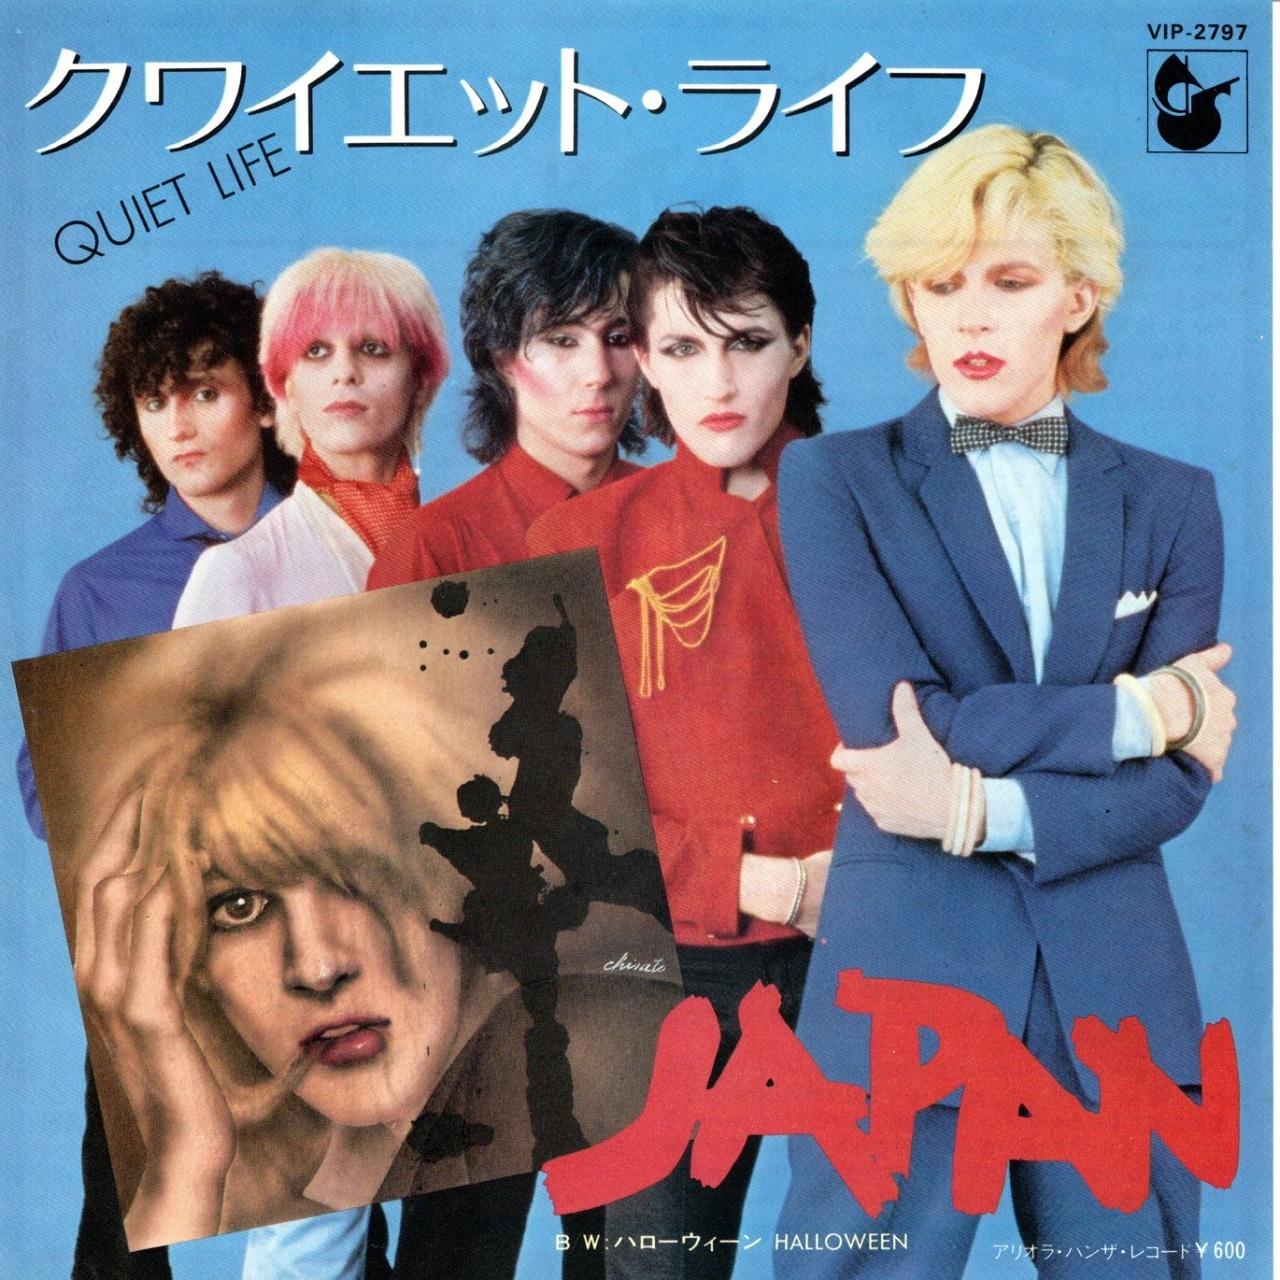 【7inch・国内盤】ジャパン / クワイエット・ライフ